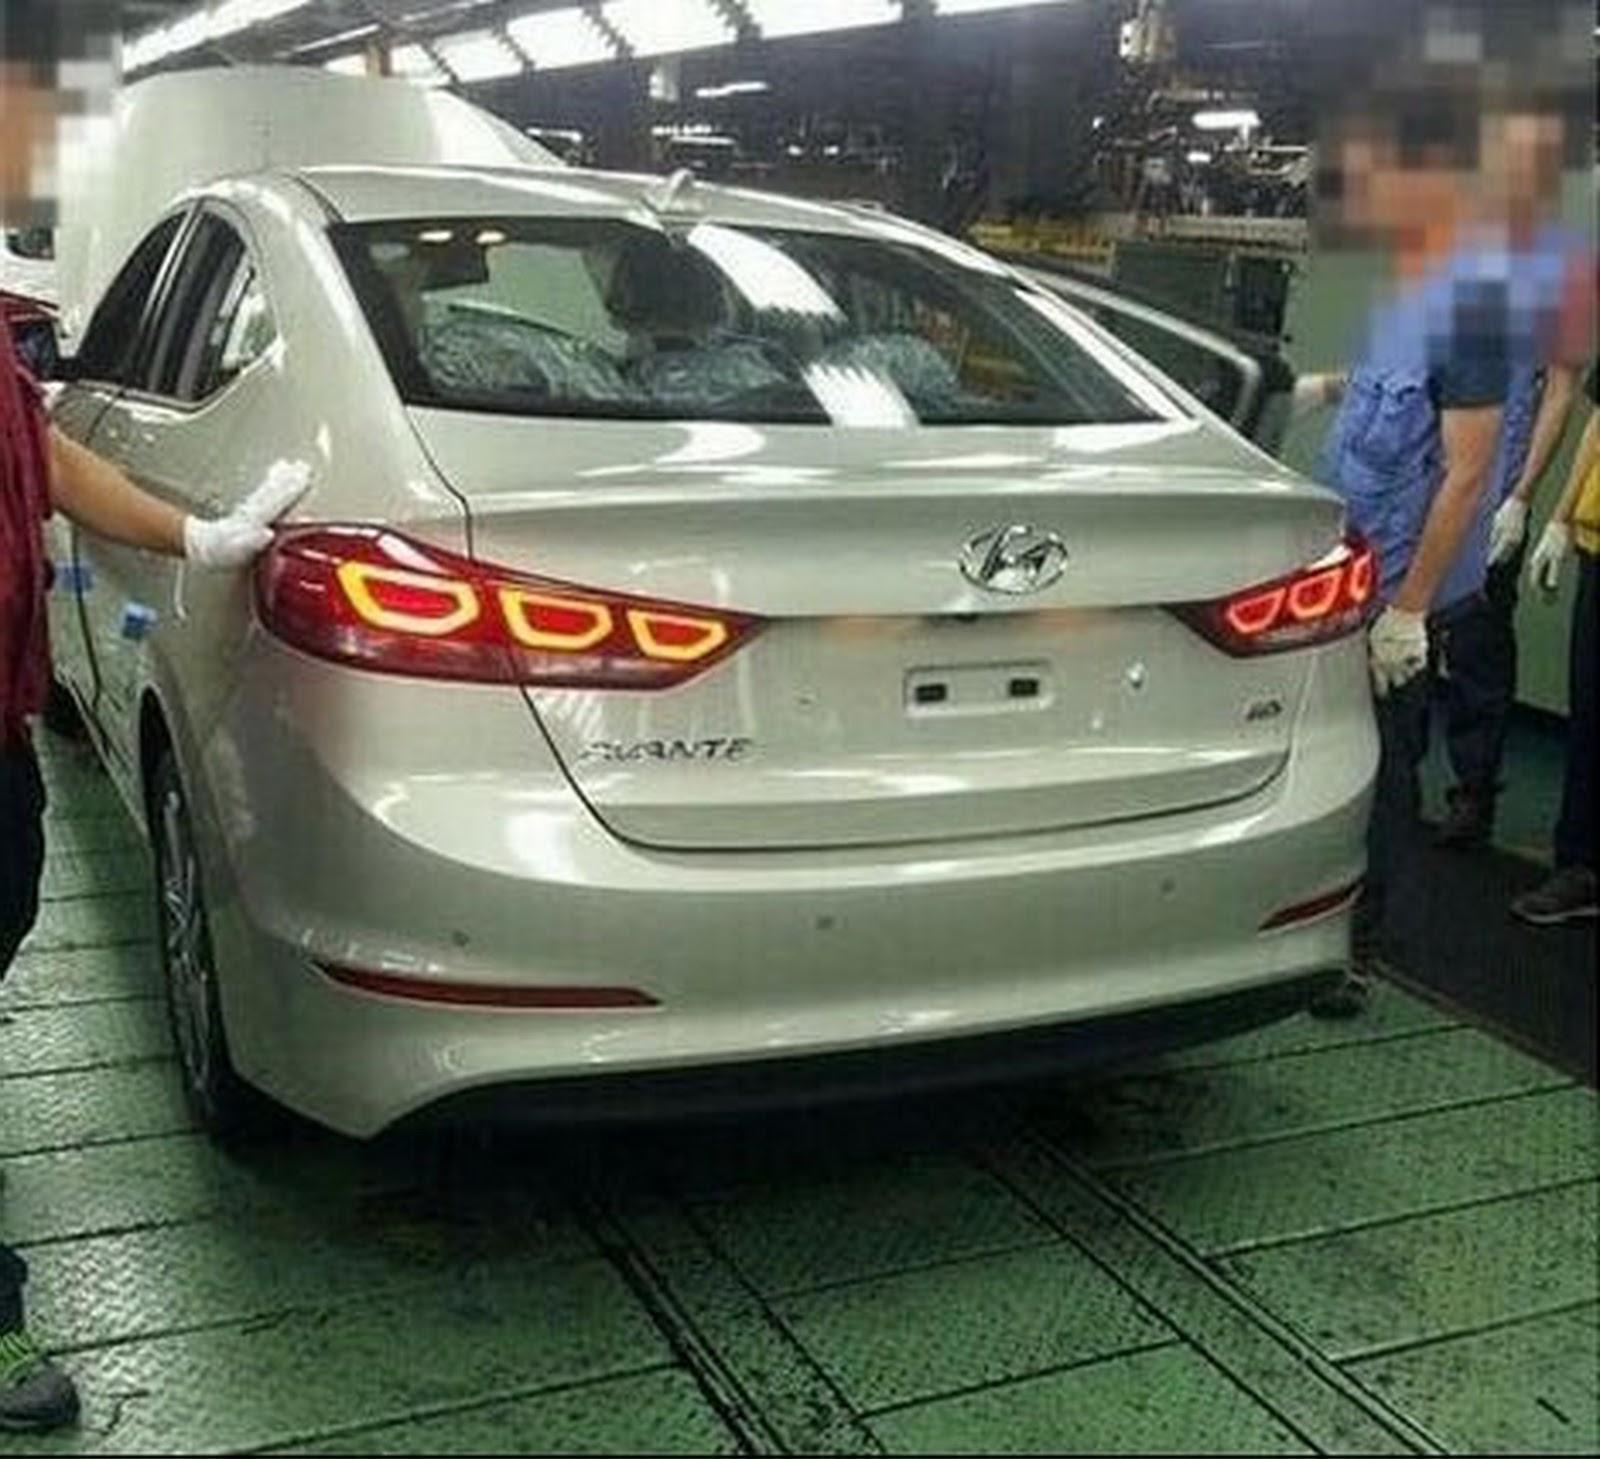 All New 2017 Hyundai Elantra Revealed In Leaked Shots